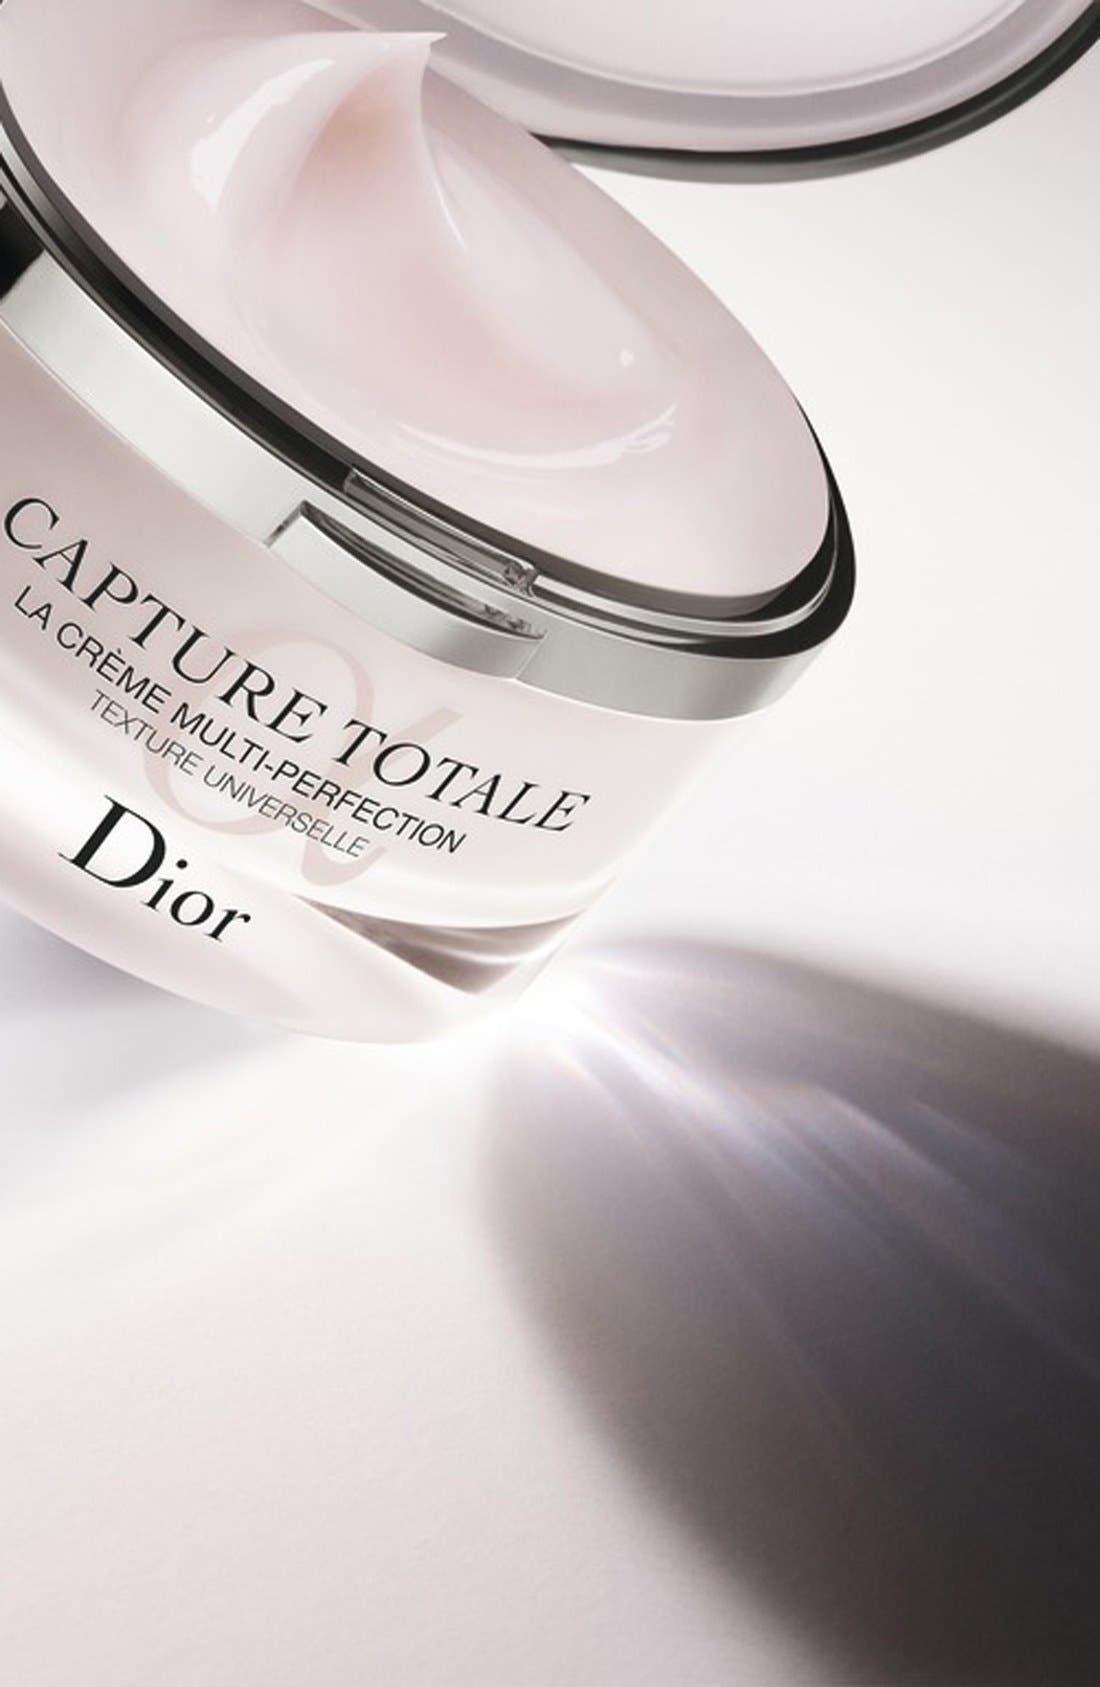 Capture Totale - Rich Texture Multi-Perfection Creme Refill,                             Alternate thumbnail 4, color,                             NO COLOR